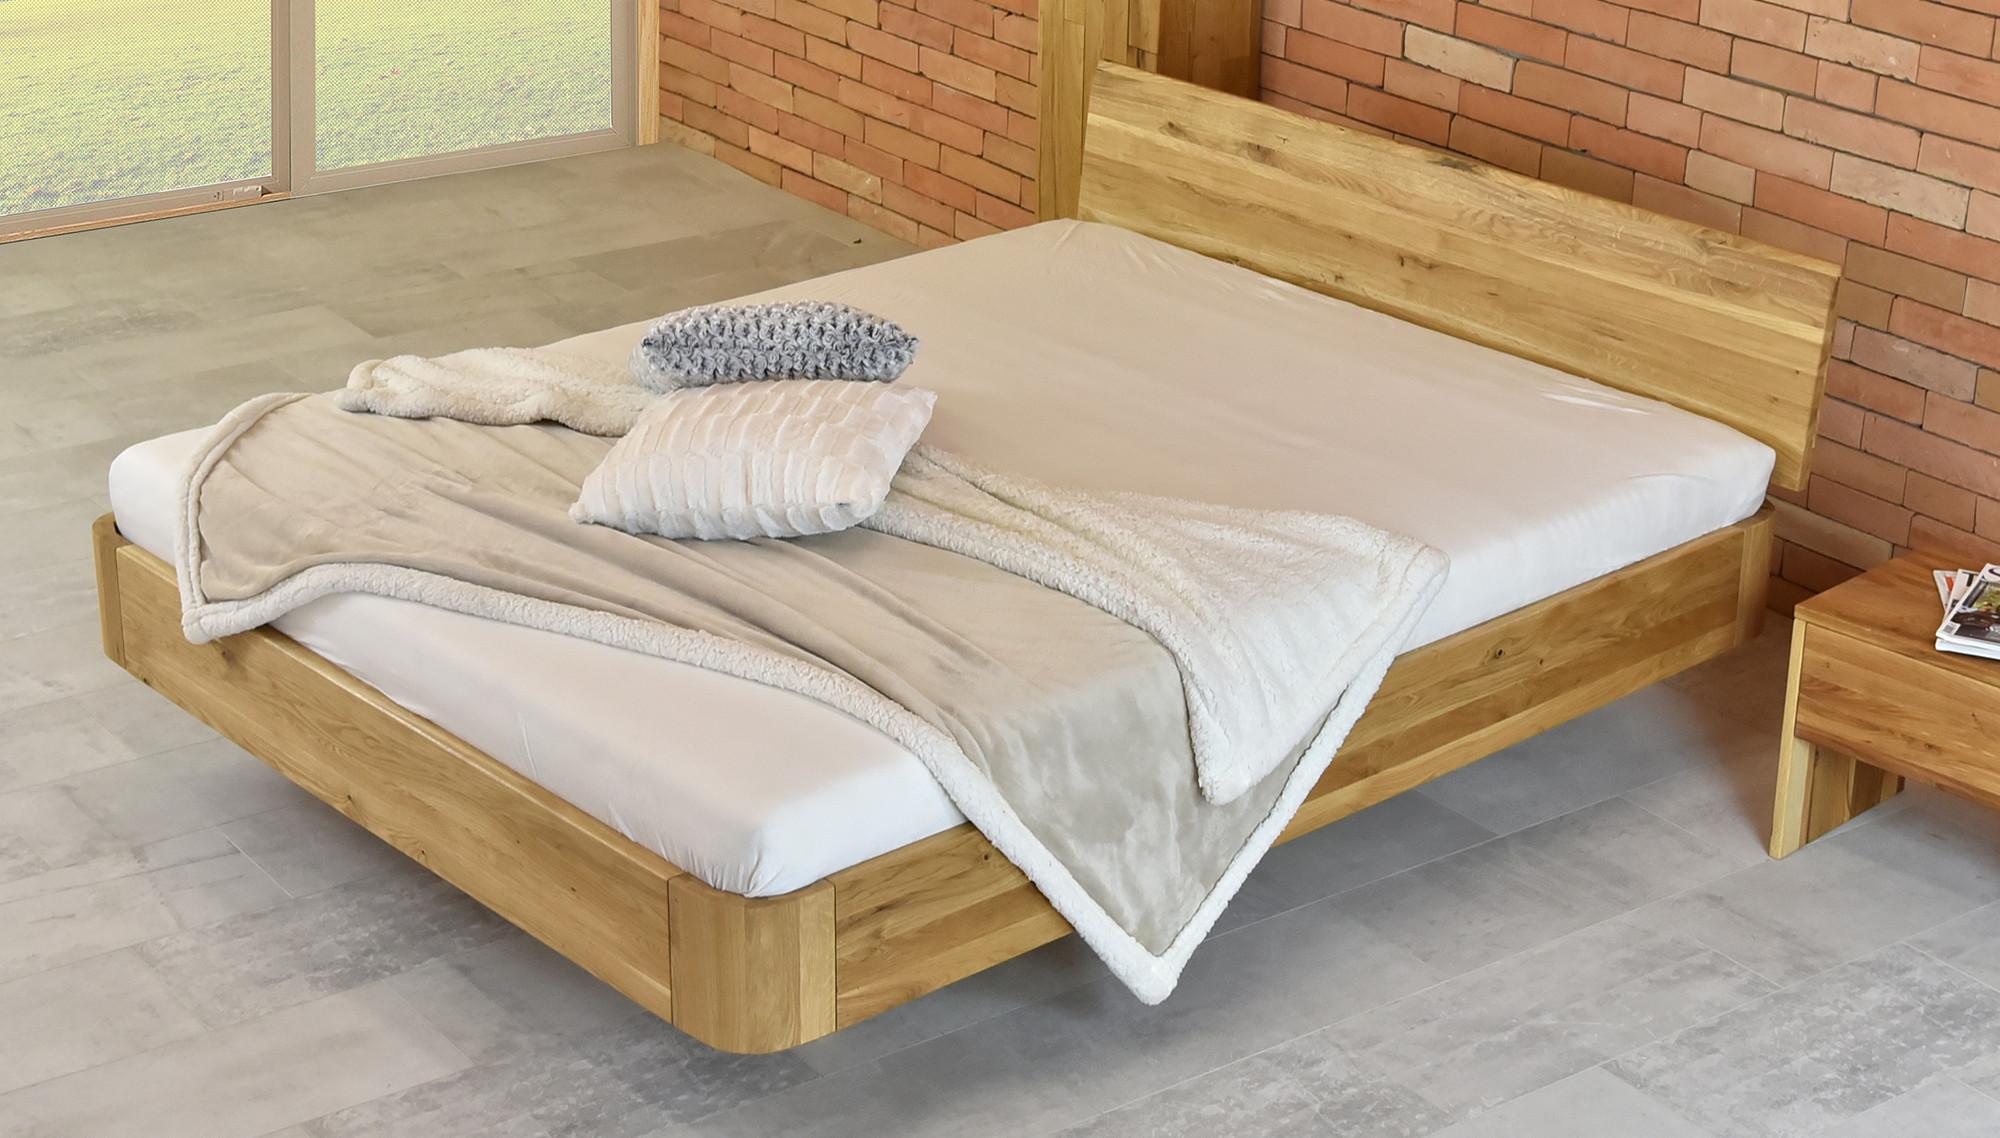 Luxuriöse abgerundete Doppelbett aus Eichenholz - Stockholm